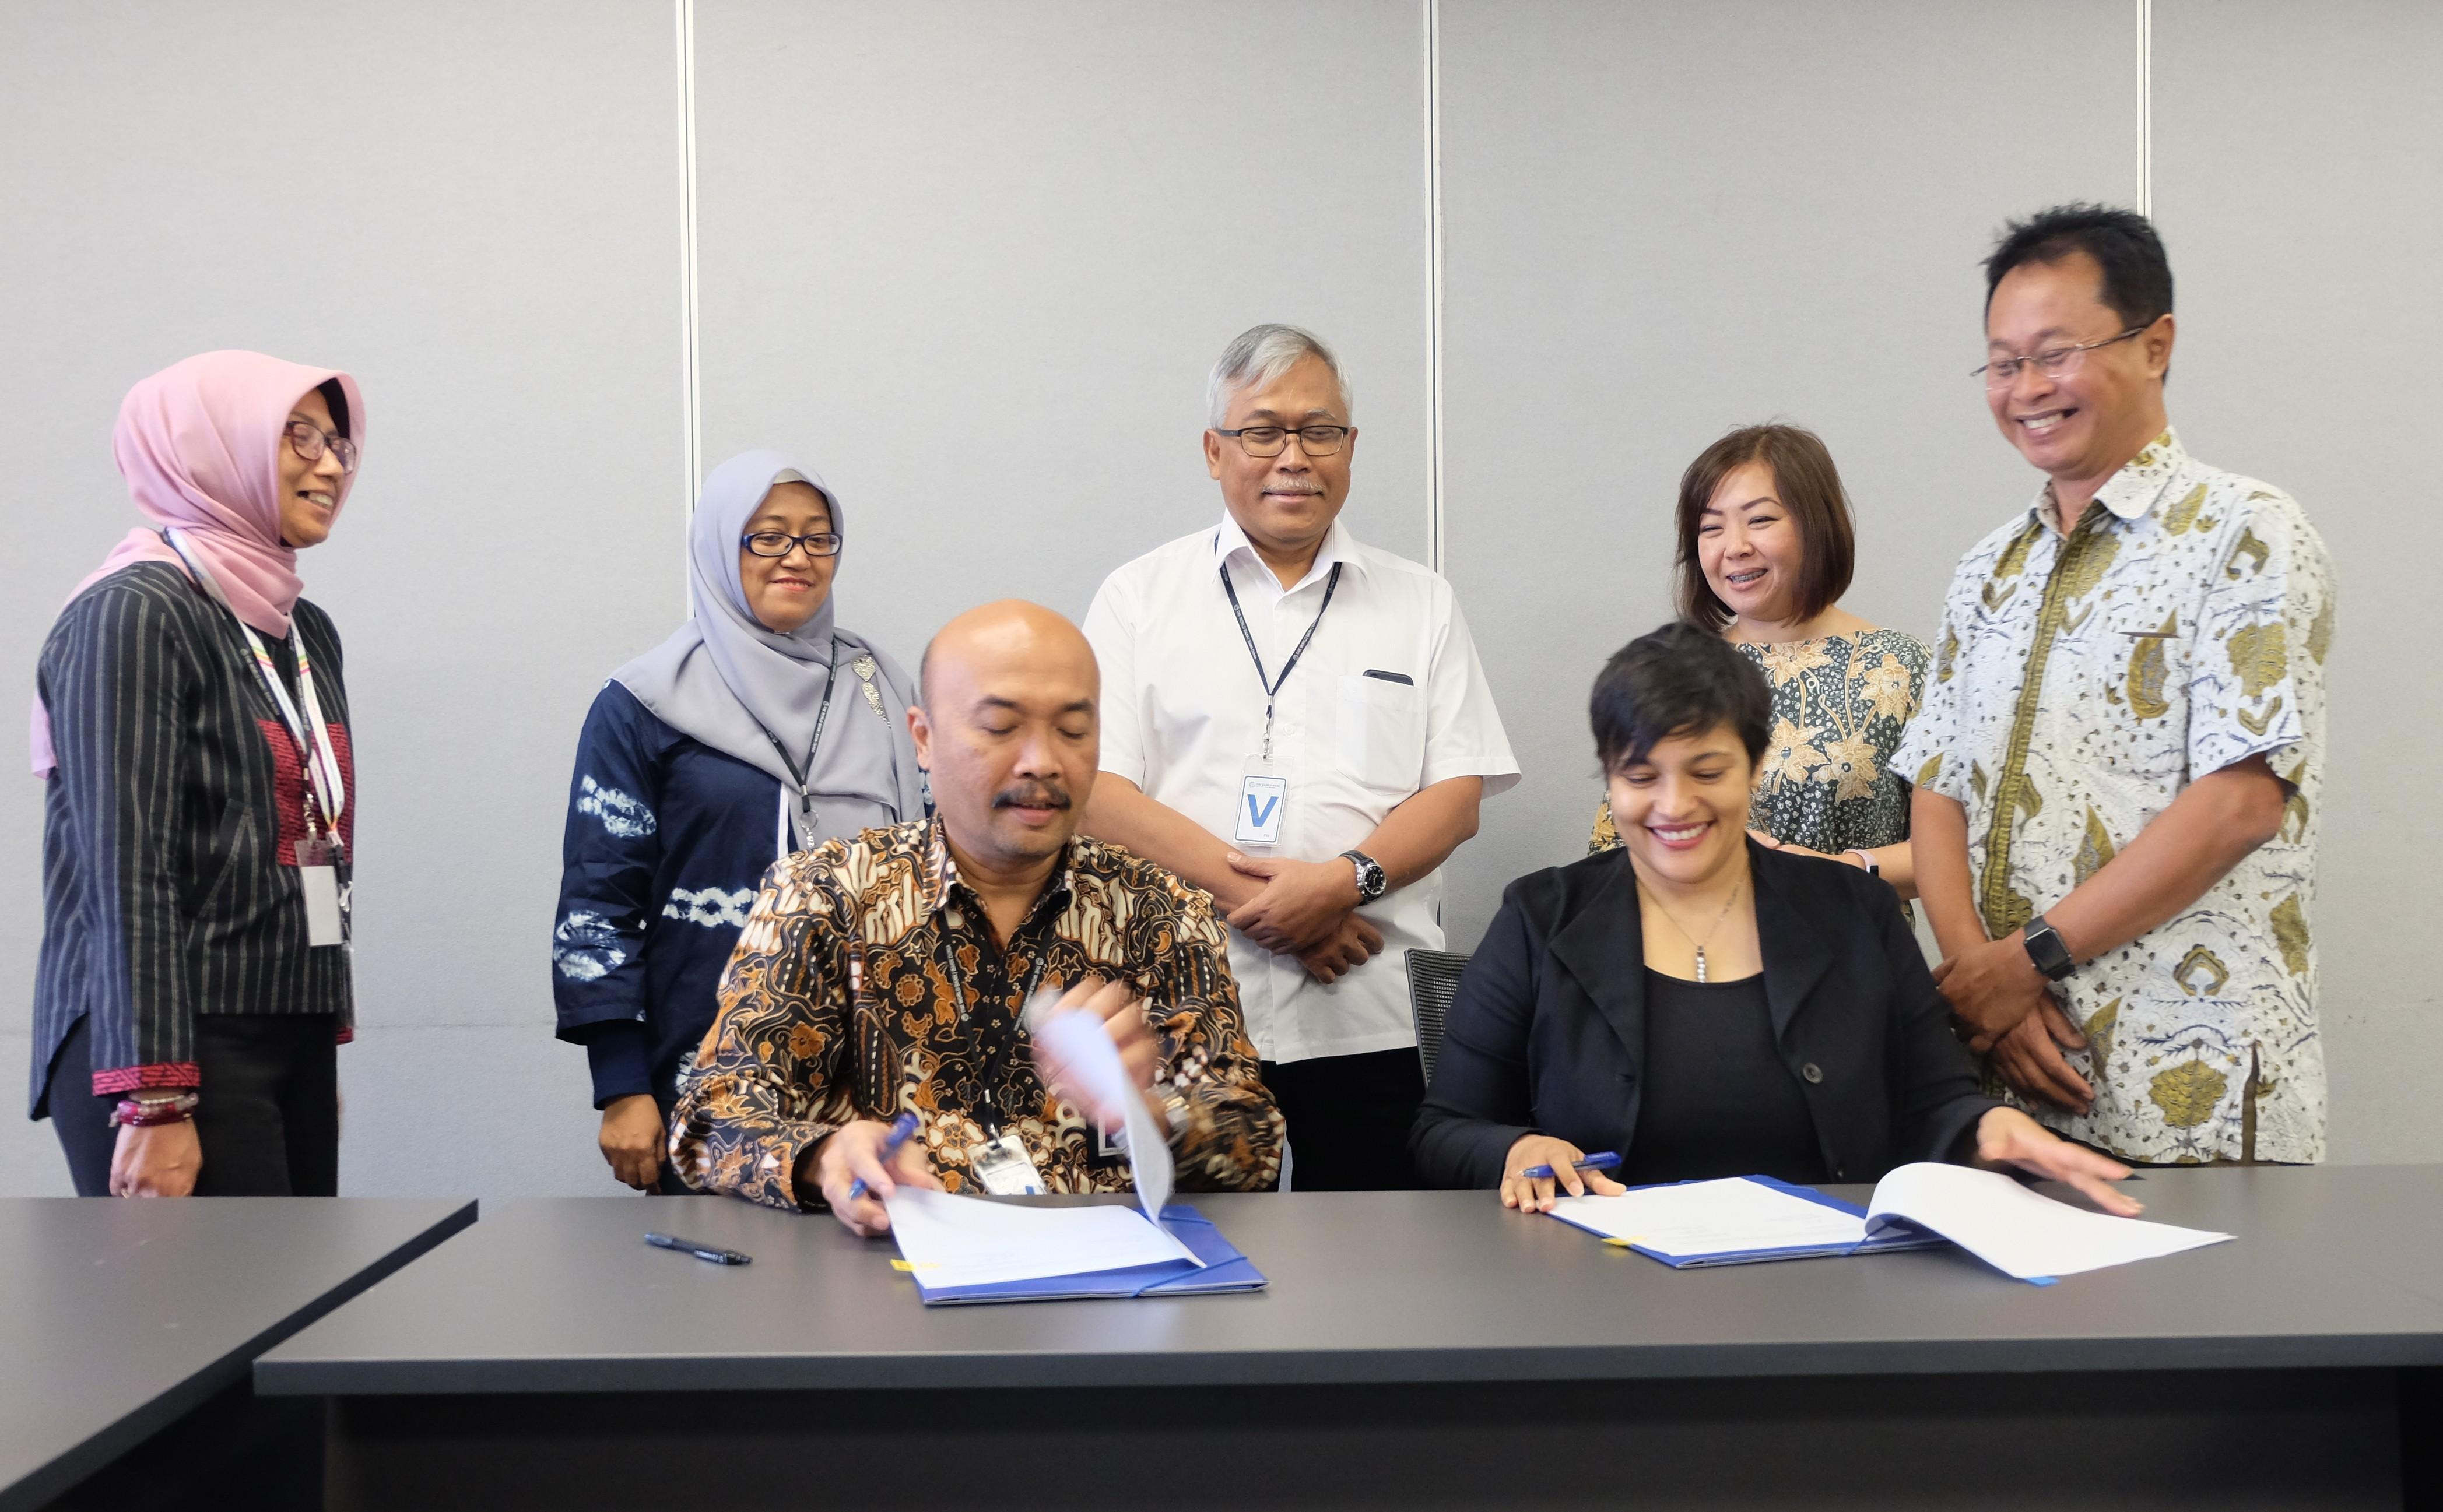 Bank Dunia Melalui NUDP Siap Dukung Pengembangan Kota-Kota di Indonesia